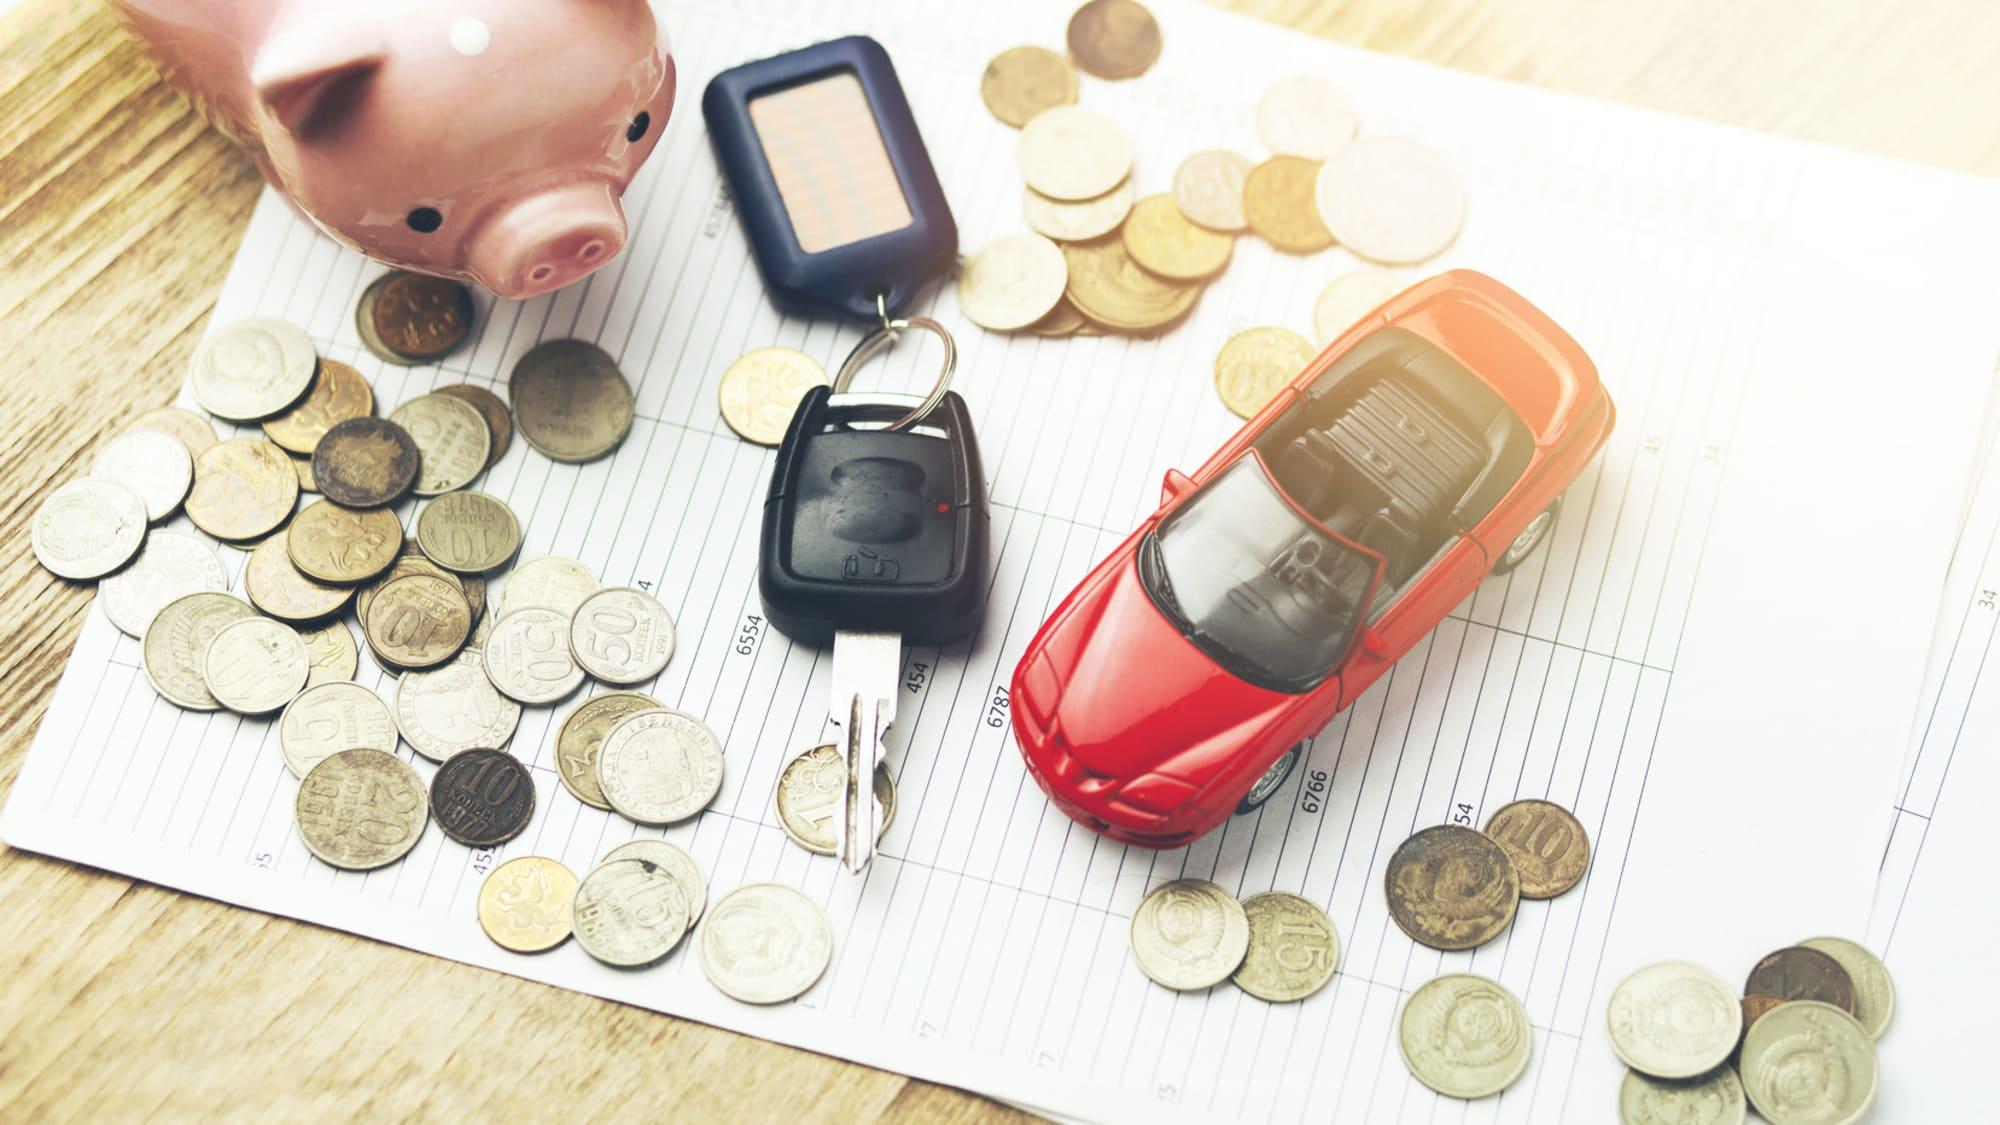 Münzen, Autoschlüssel, Sparschwein und Spielzeugauto auf einem Tisch